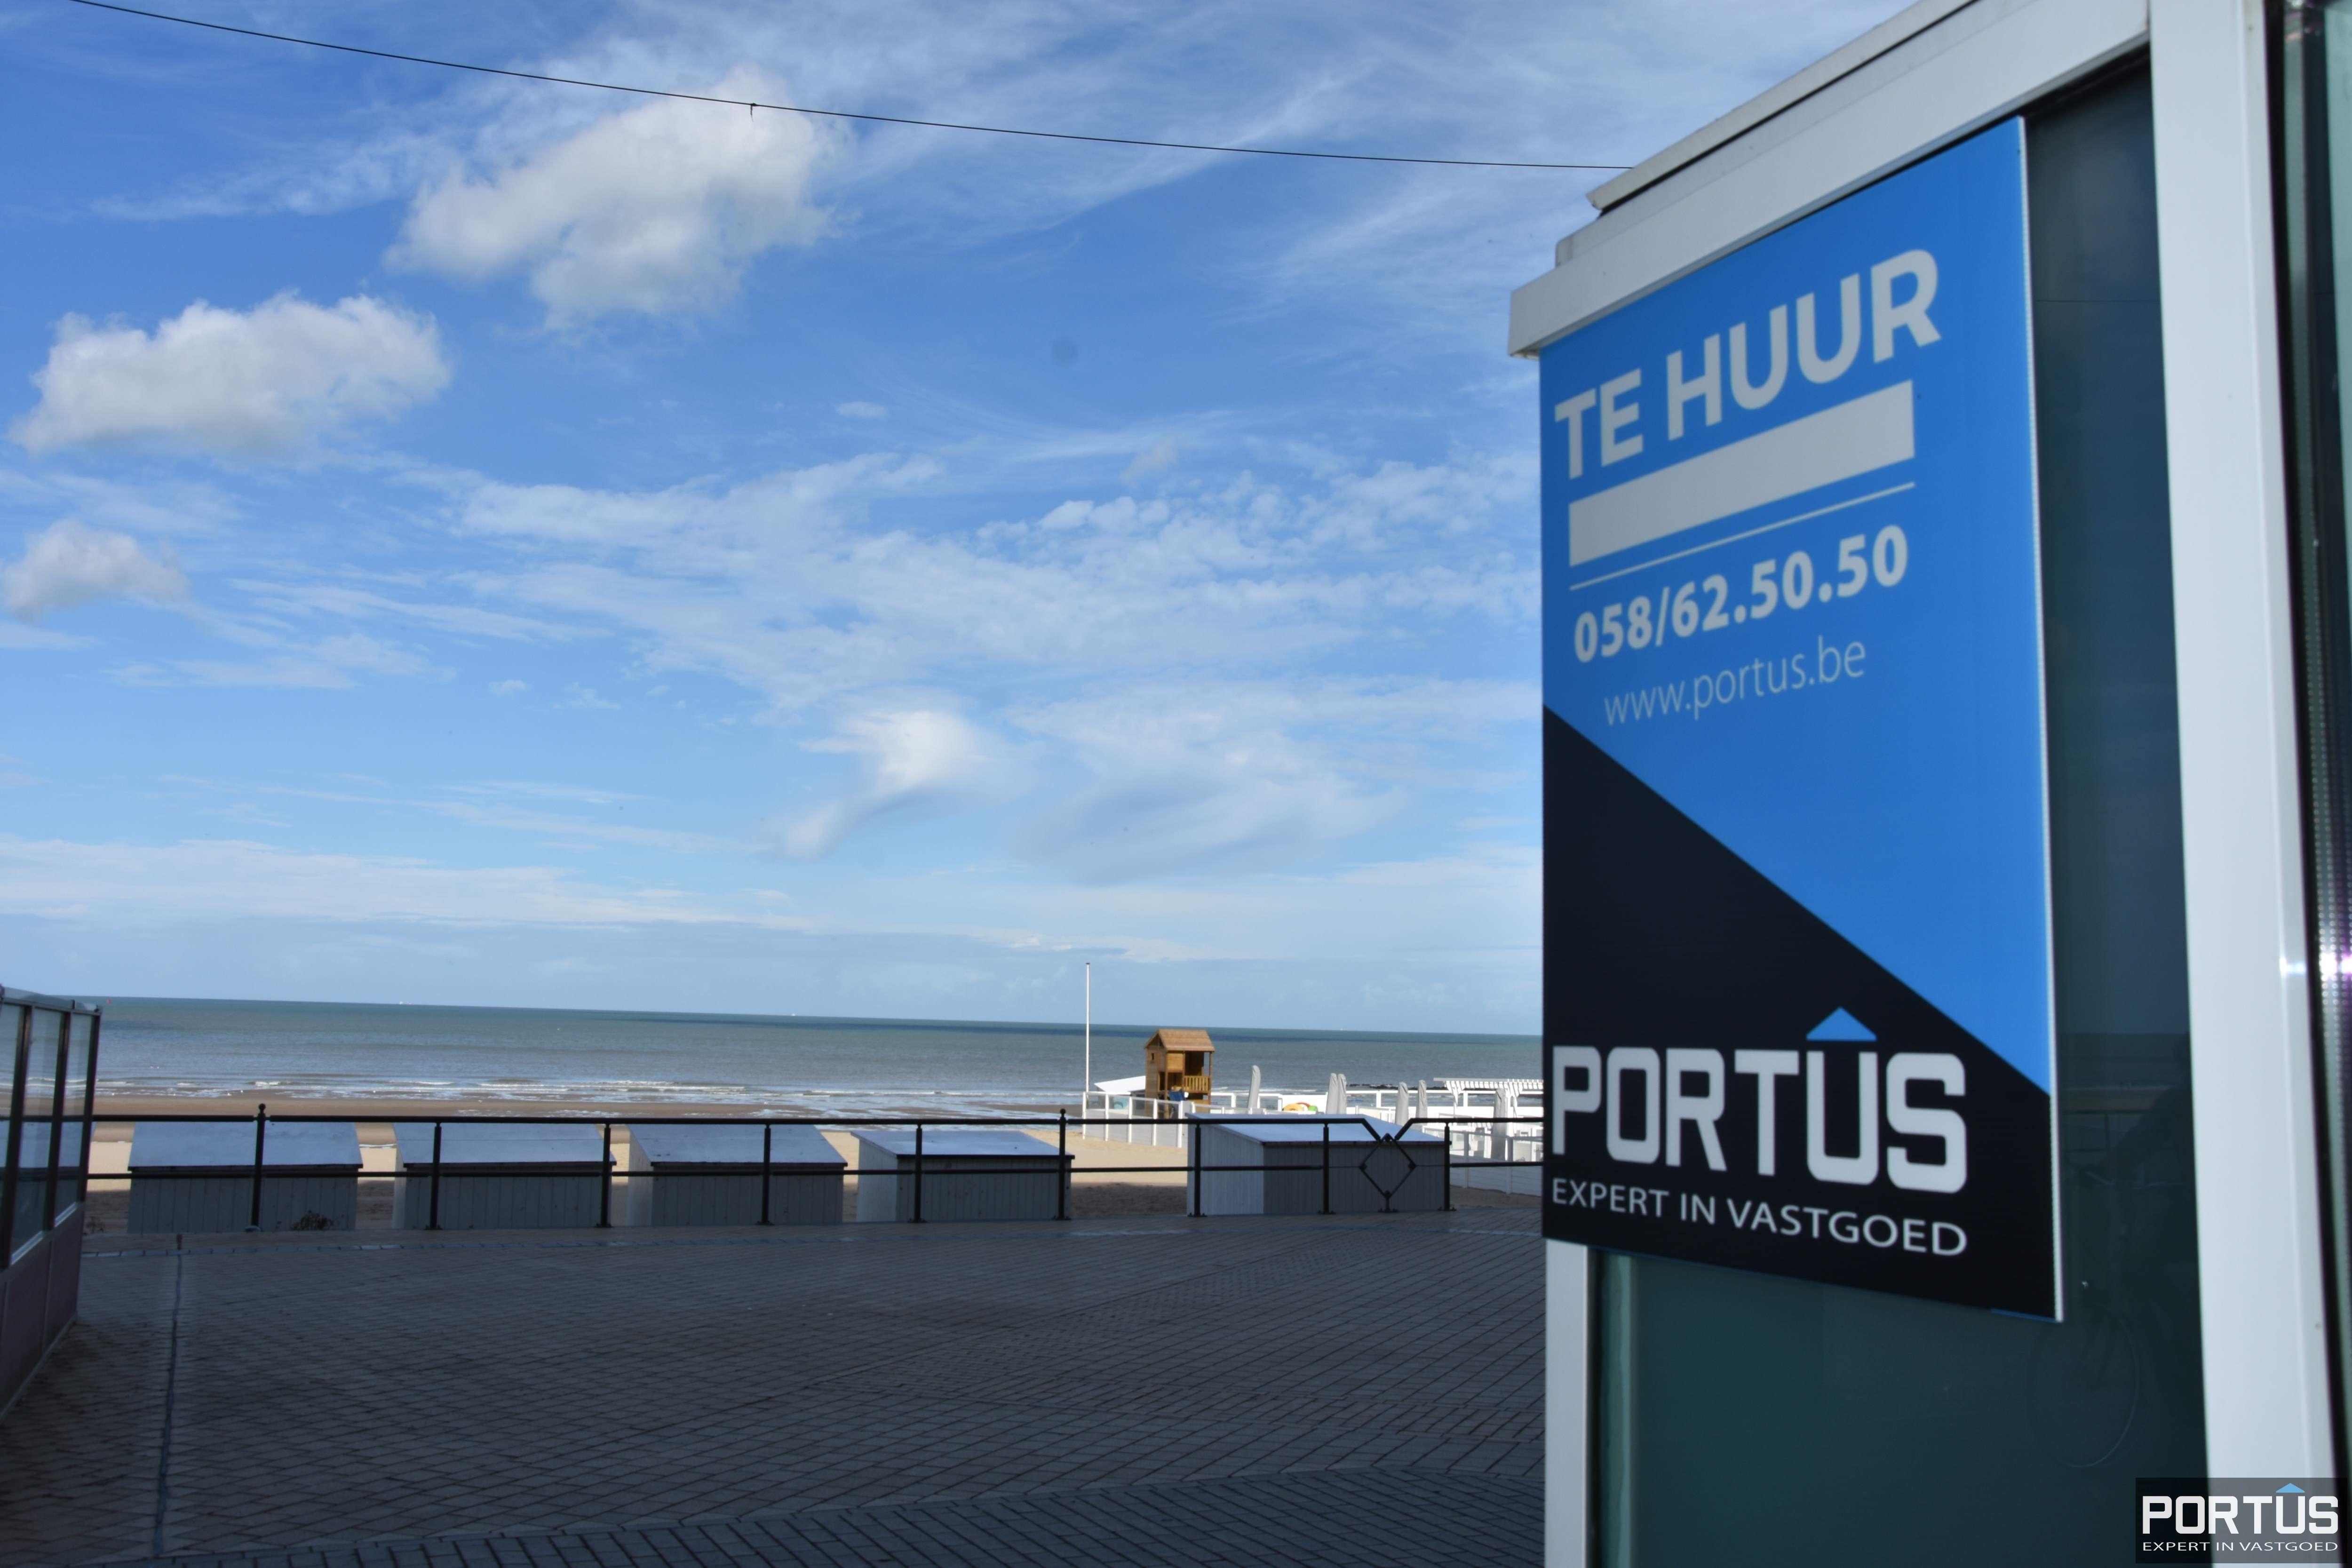 Zeer ruim handelspand te huur op de zeedijk van Middelkerke - 13942